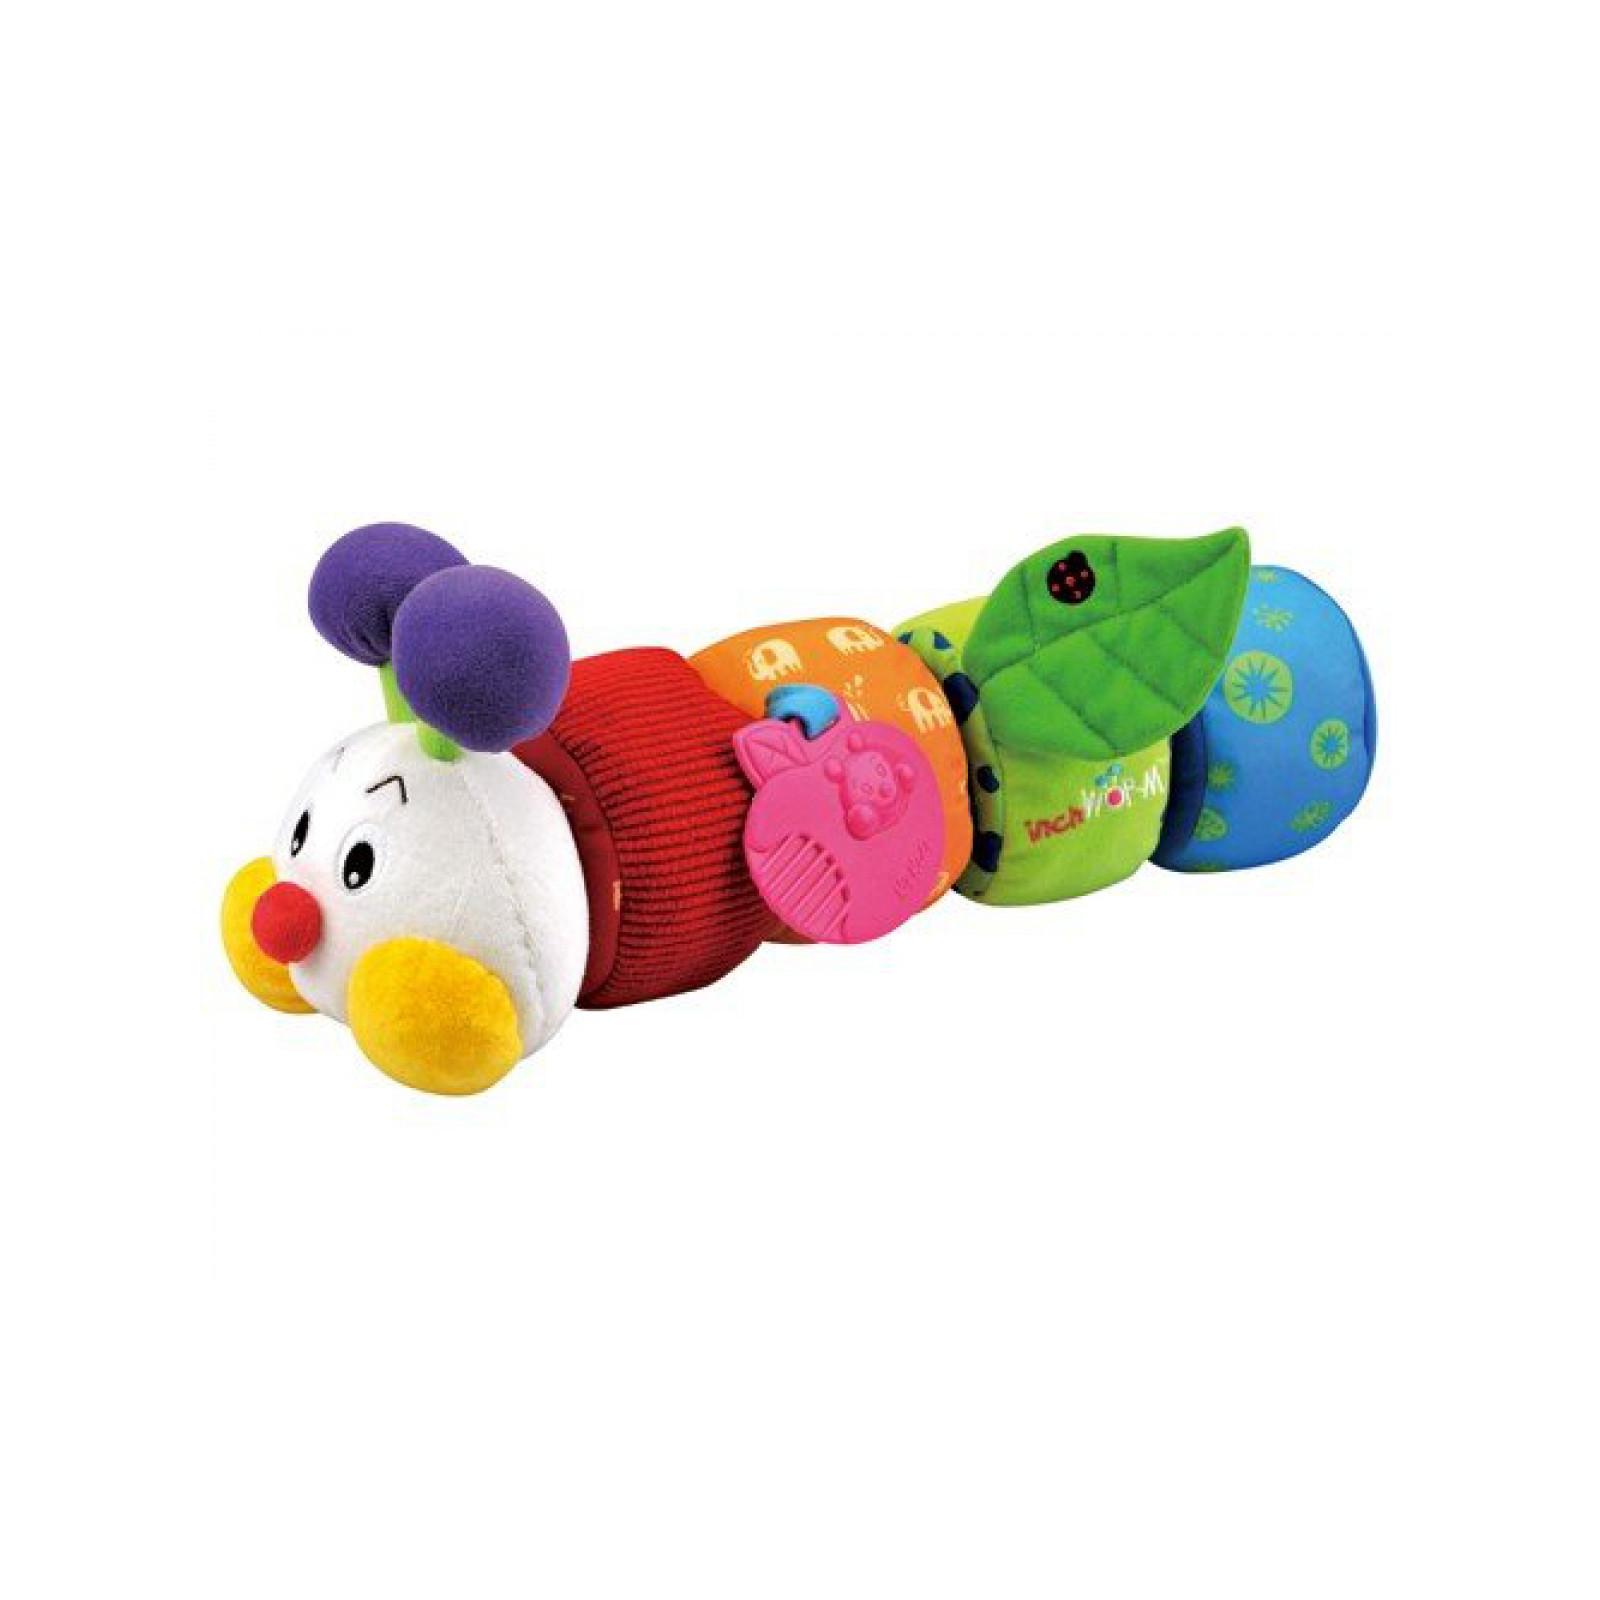 Развивающая игрушка K&amp;#039;s Kids Гусеничка с прорезывателем мягкая с 0 мес.<br>